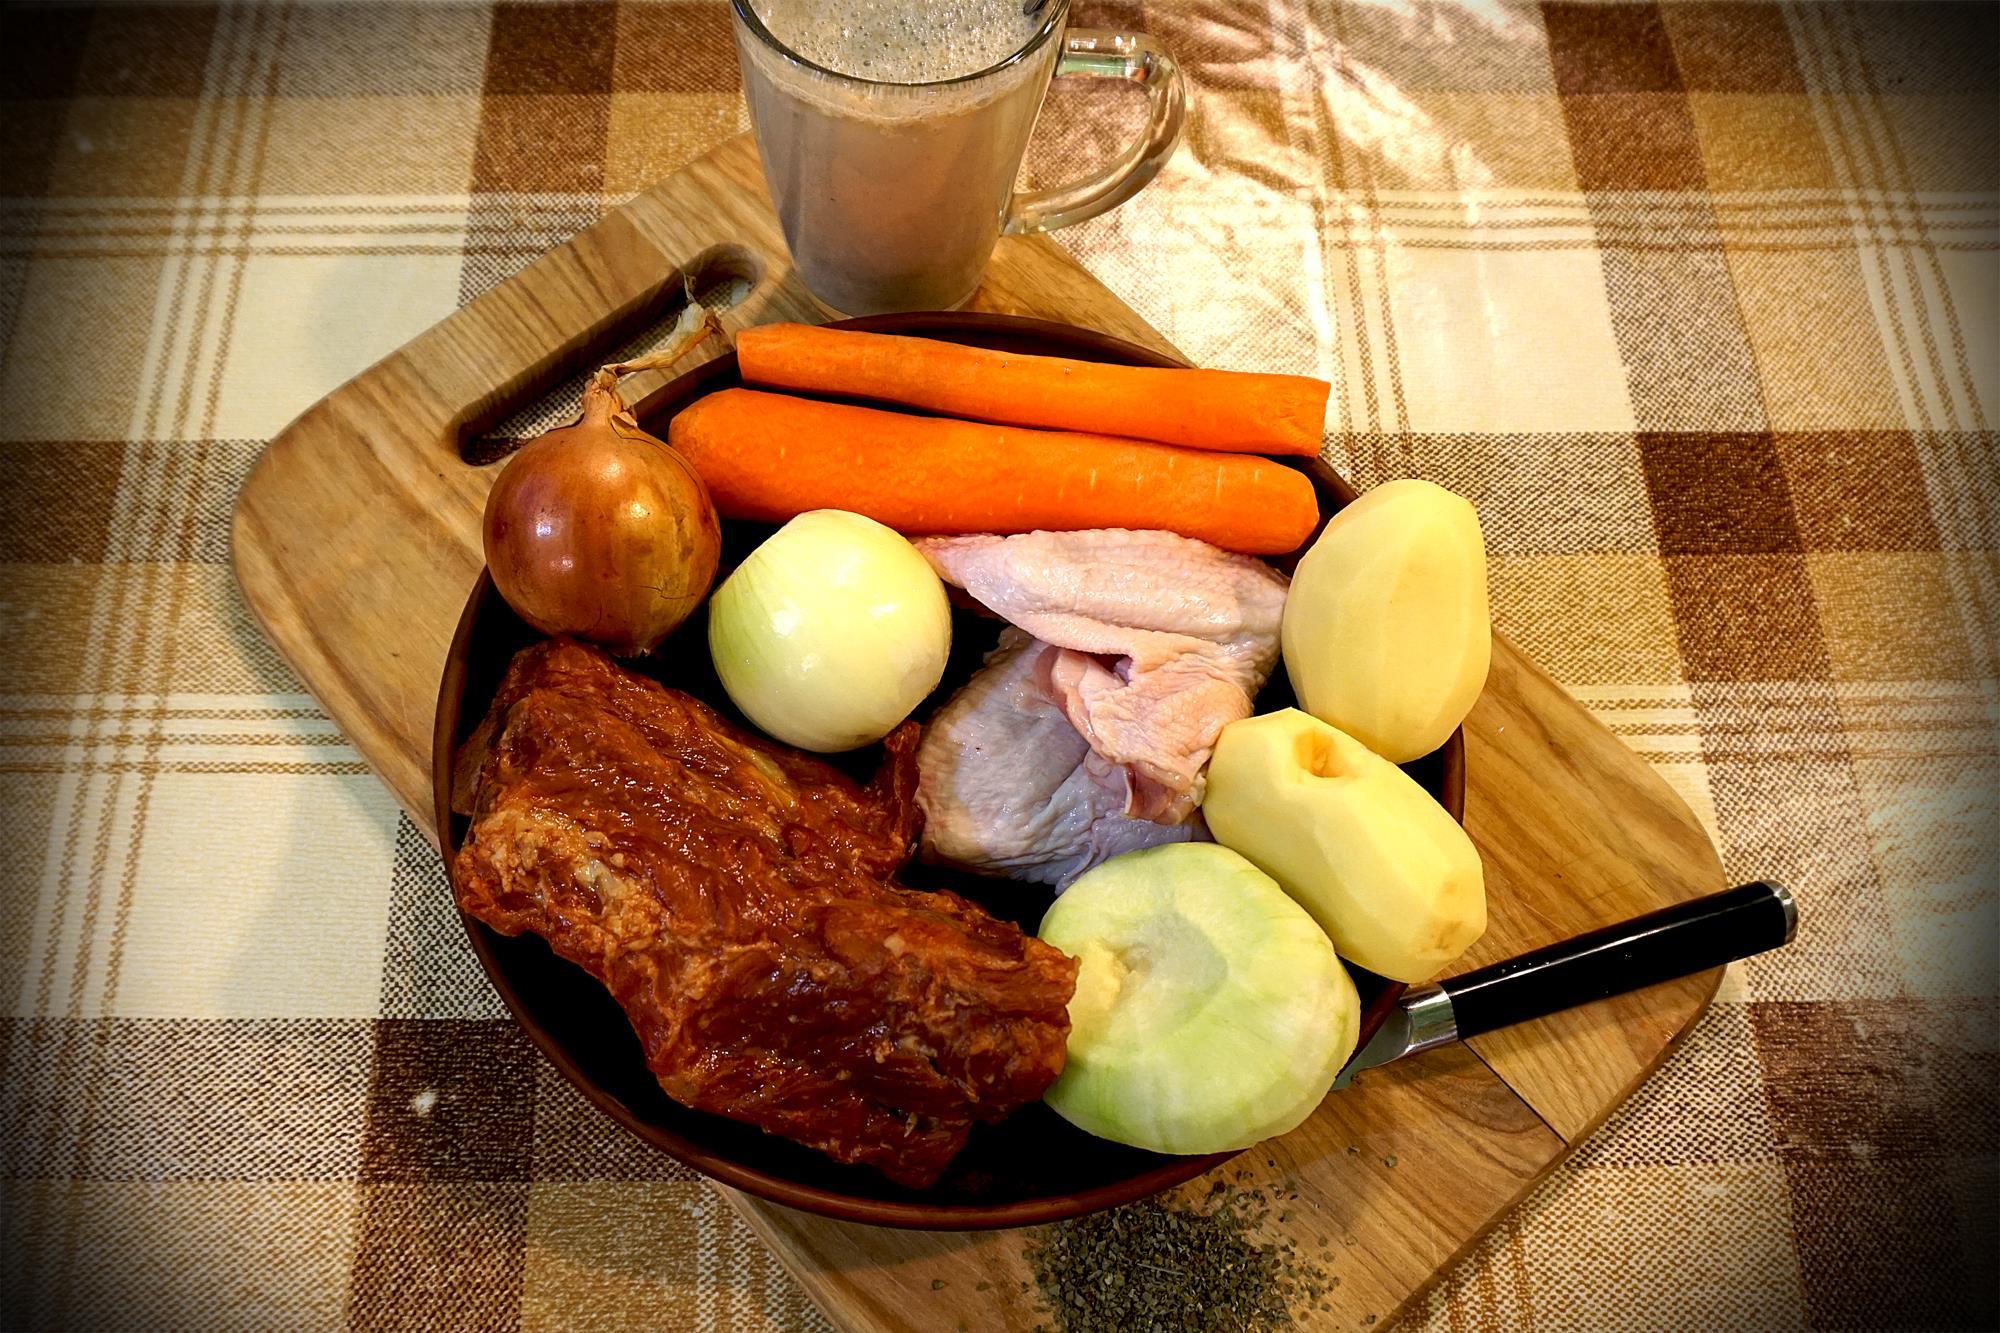 Журек, варіант львівський. Покроковий рецепт з фото